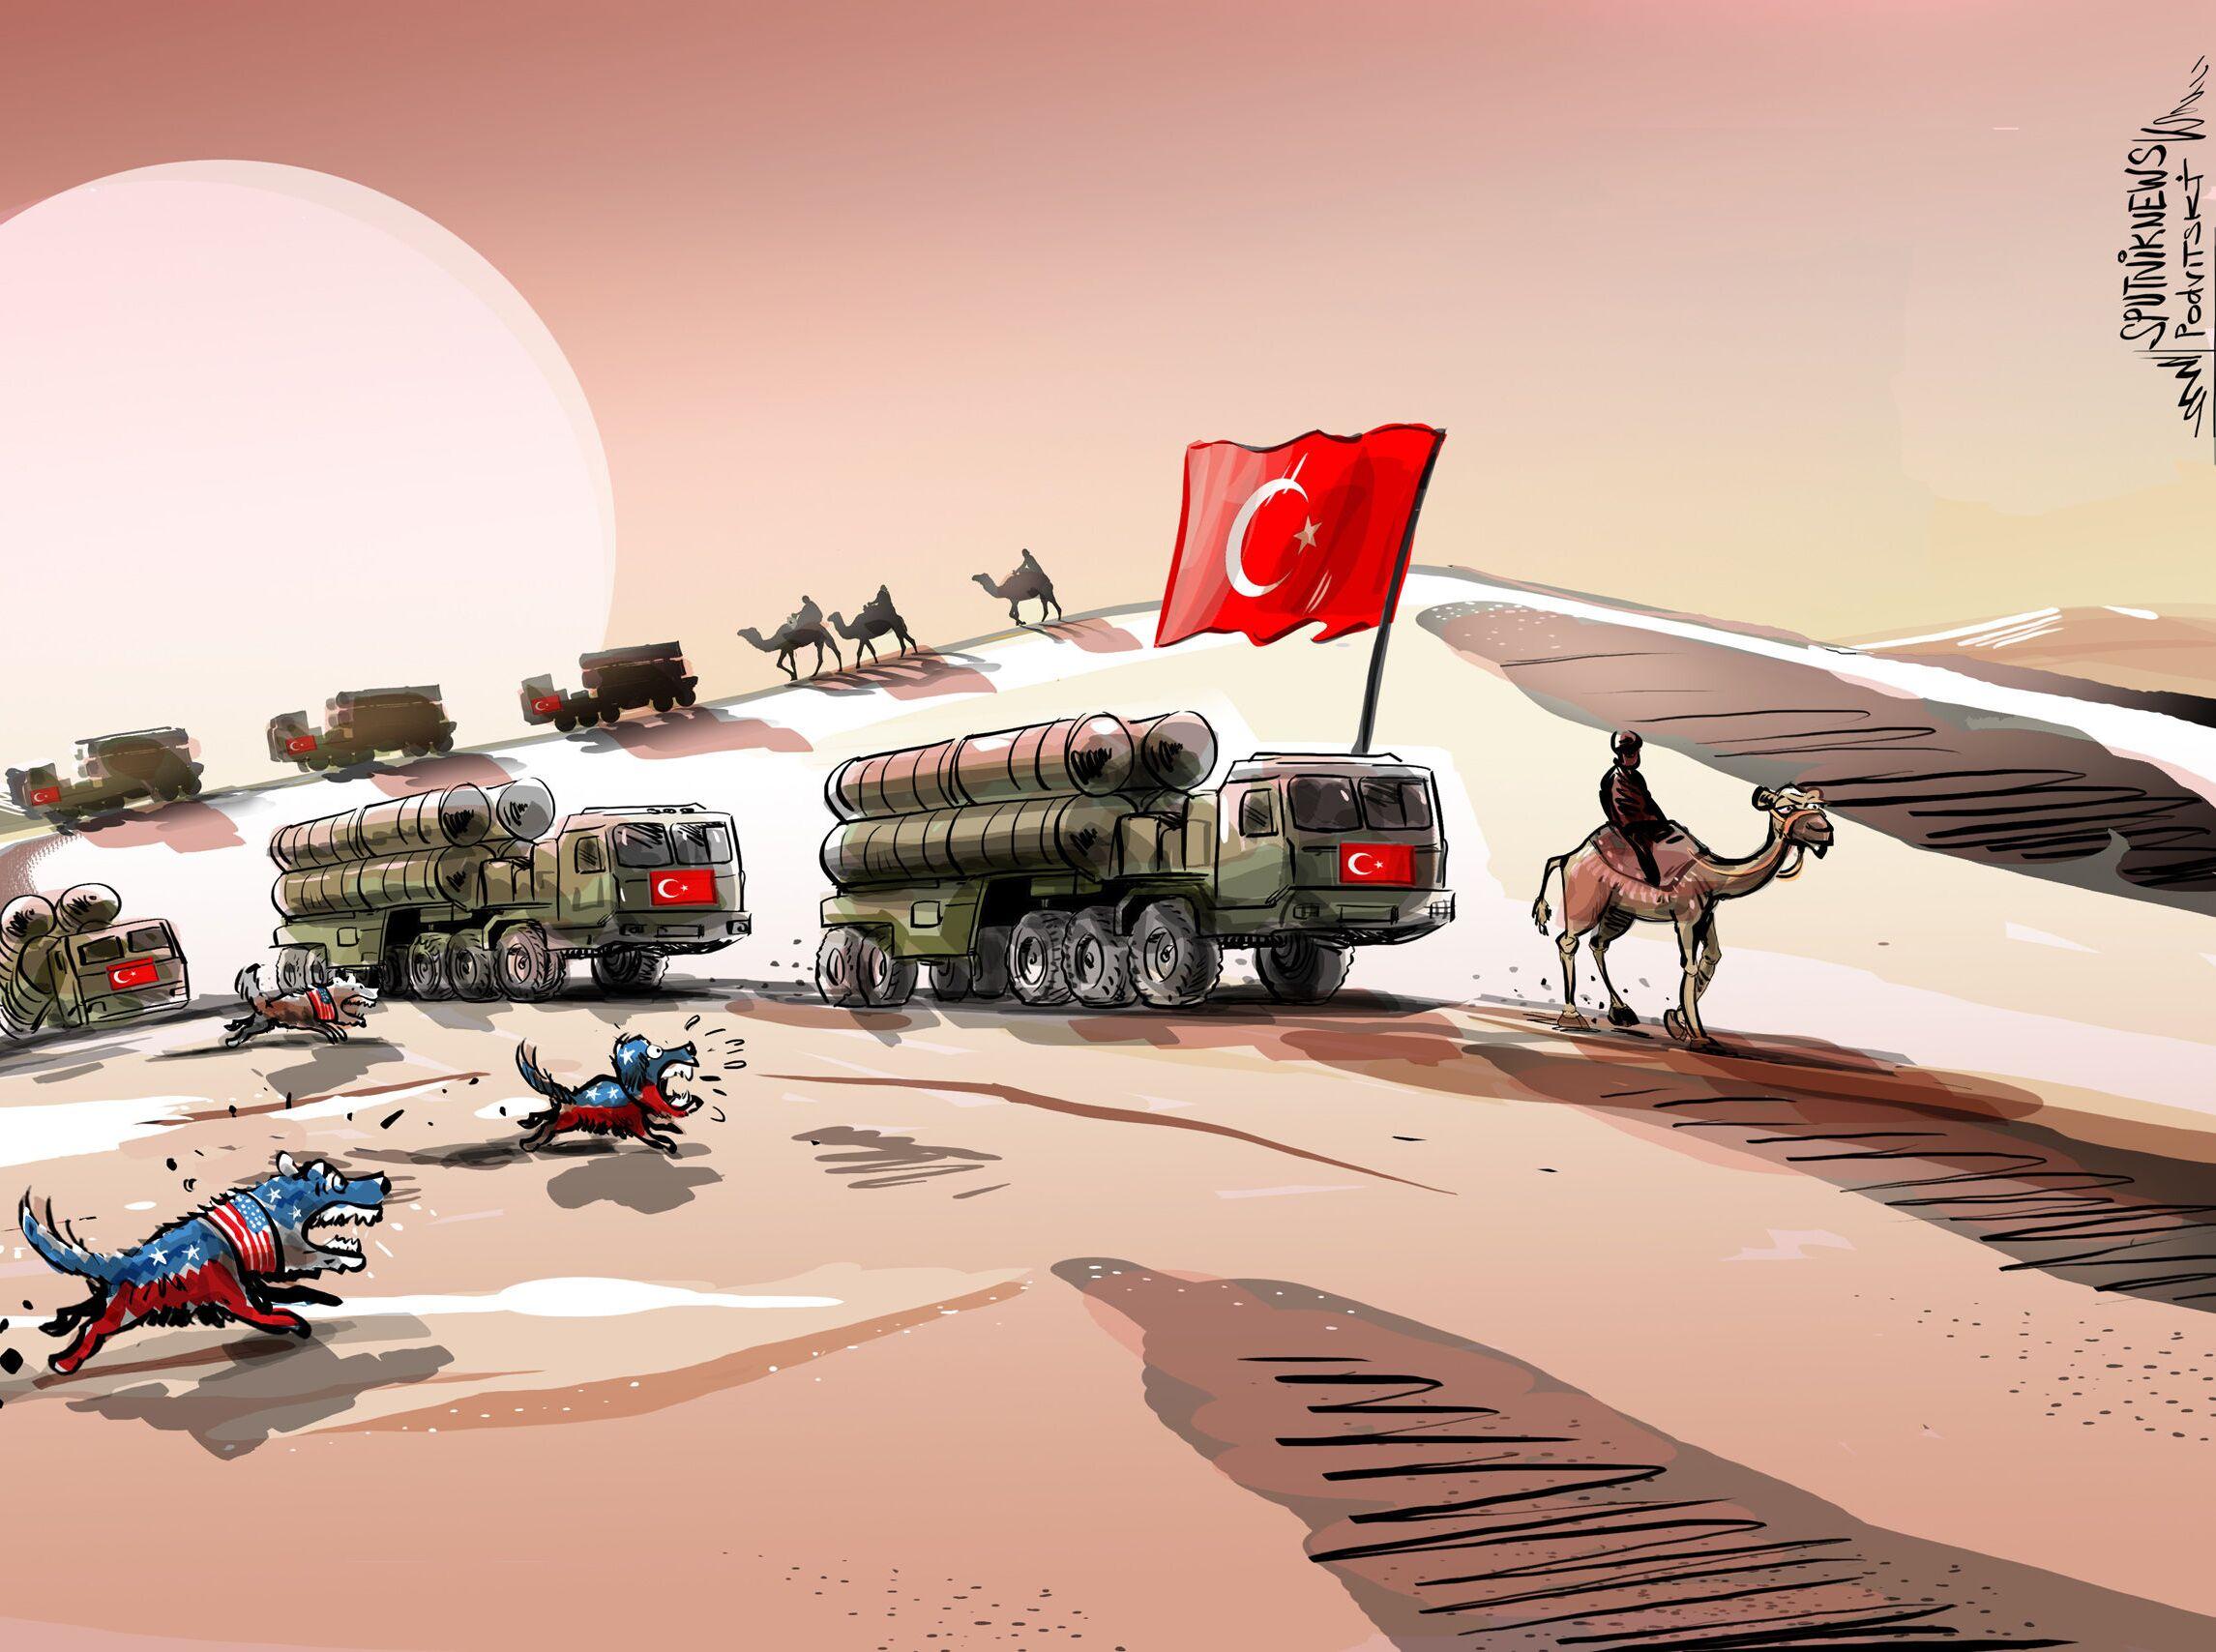 خبير: الولايات المتحدة لن تتستطيع إقناع تركيا بالتخلي عن إس 400